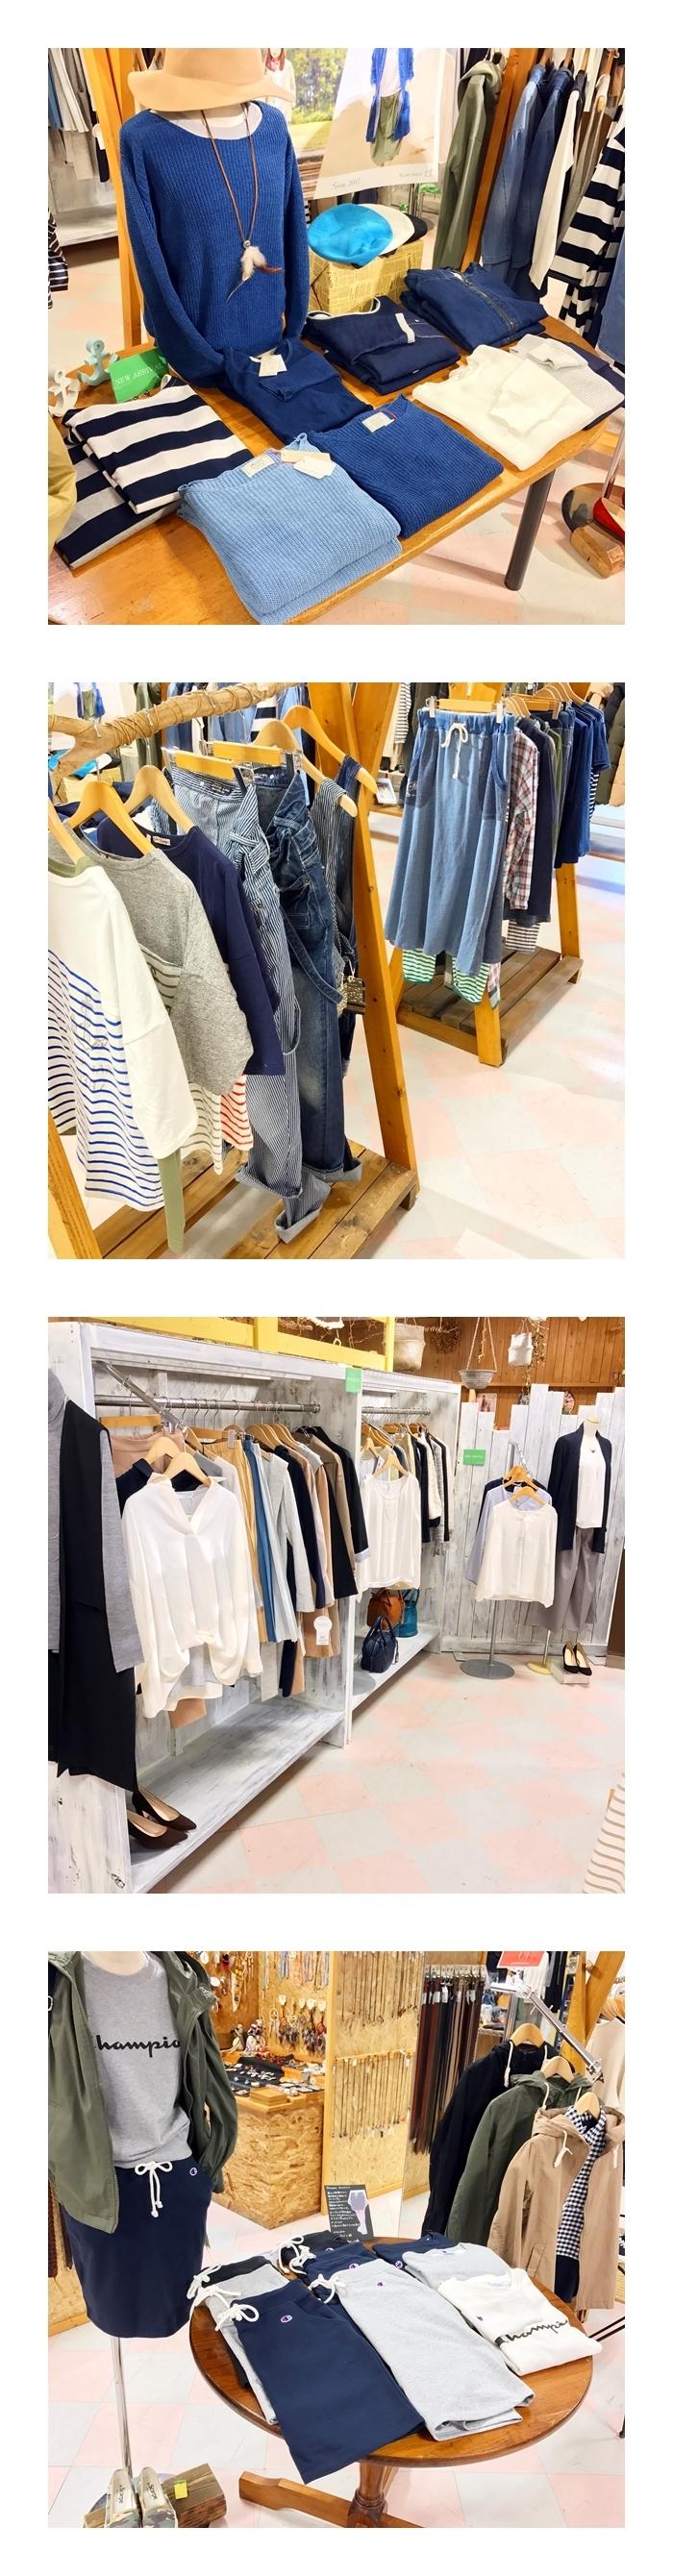 2017-02-09 ラインフェア 店内画像 (6)-vert